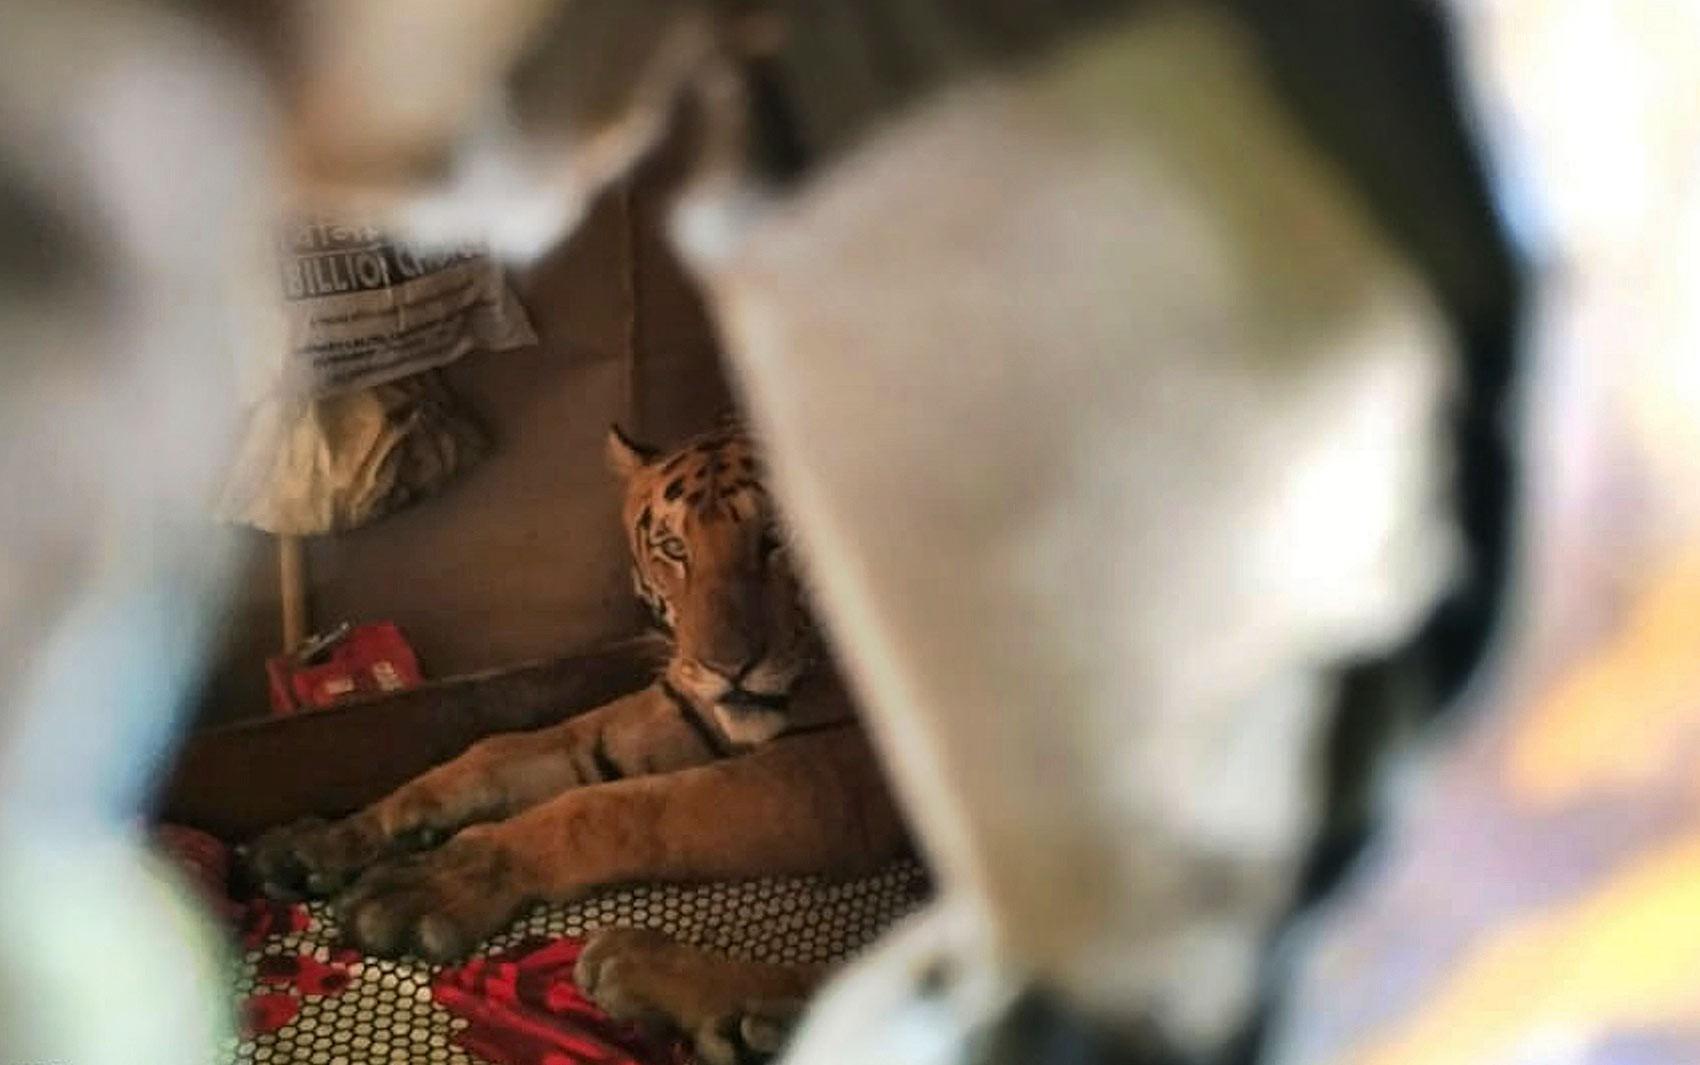 Tigre invade casa para fugir de inundação em parque na Índia - Notícias - Plantão Diário